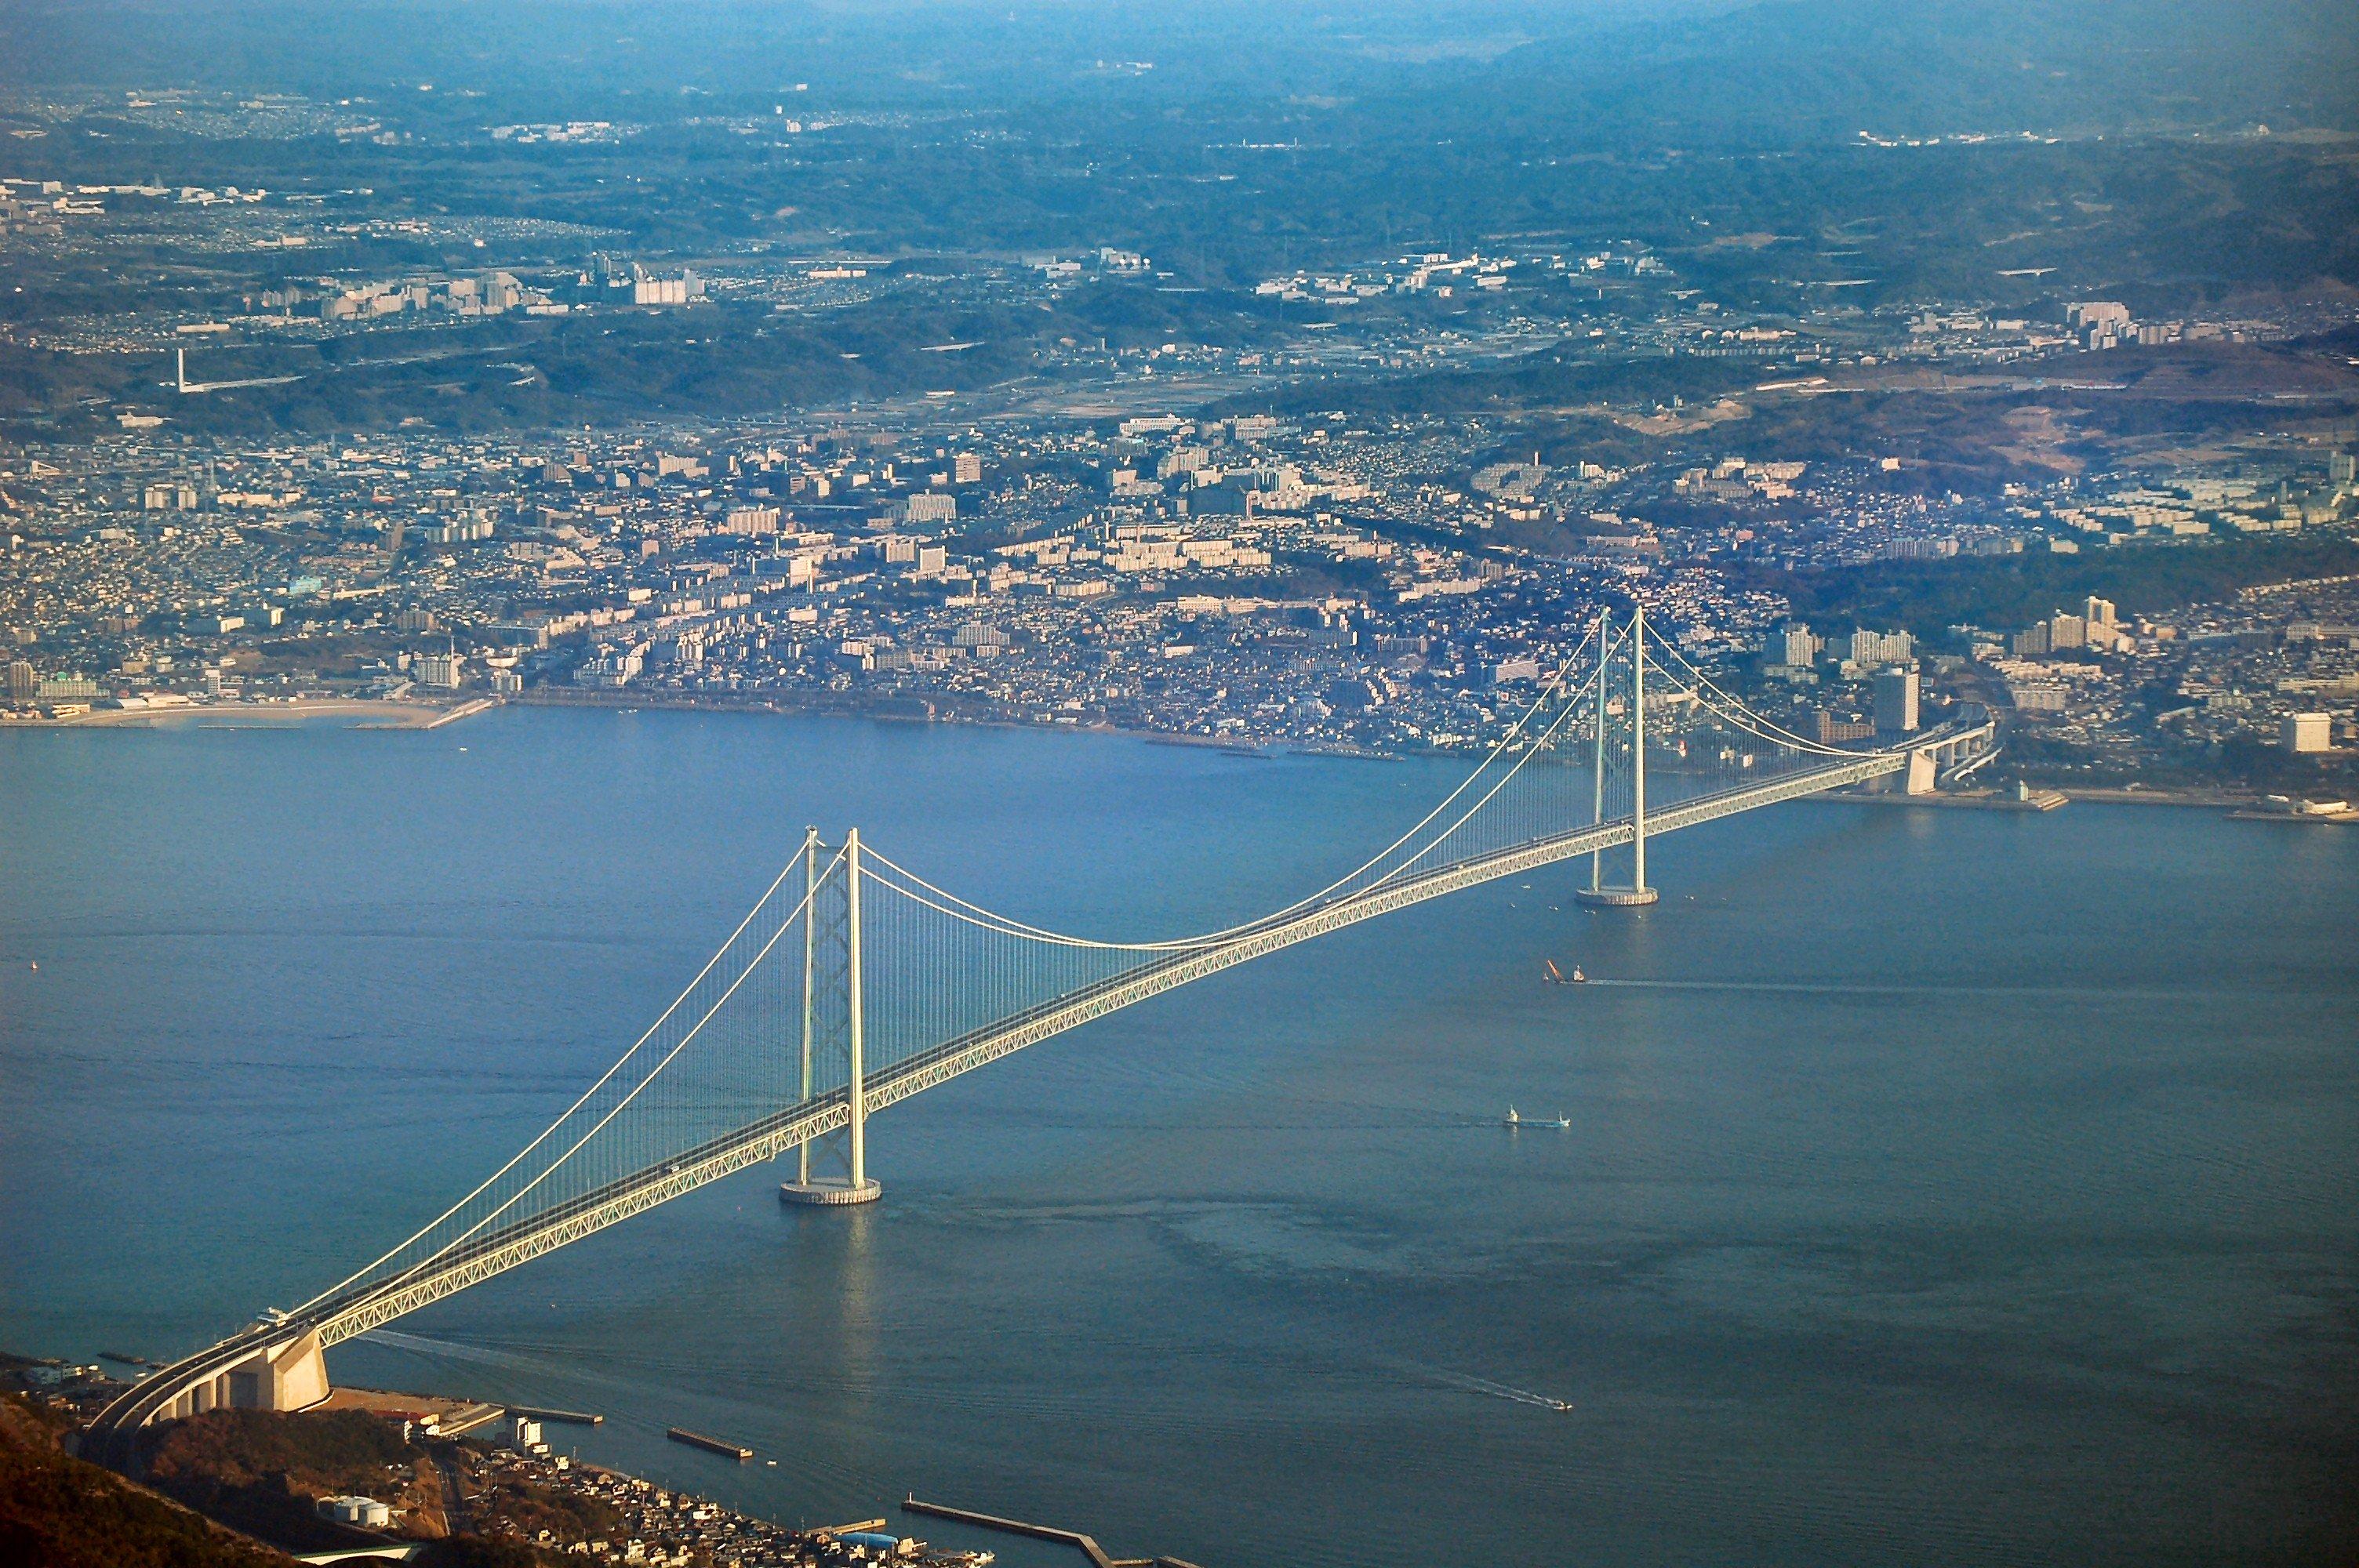 Alashi Kaikyo Bridge